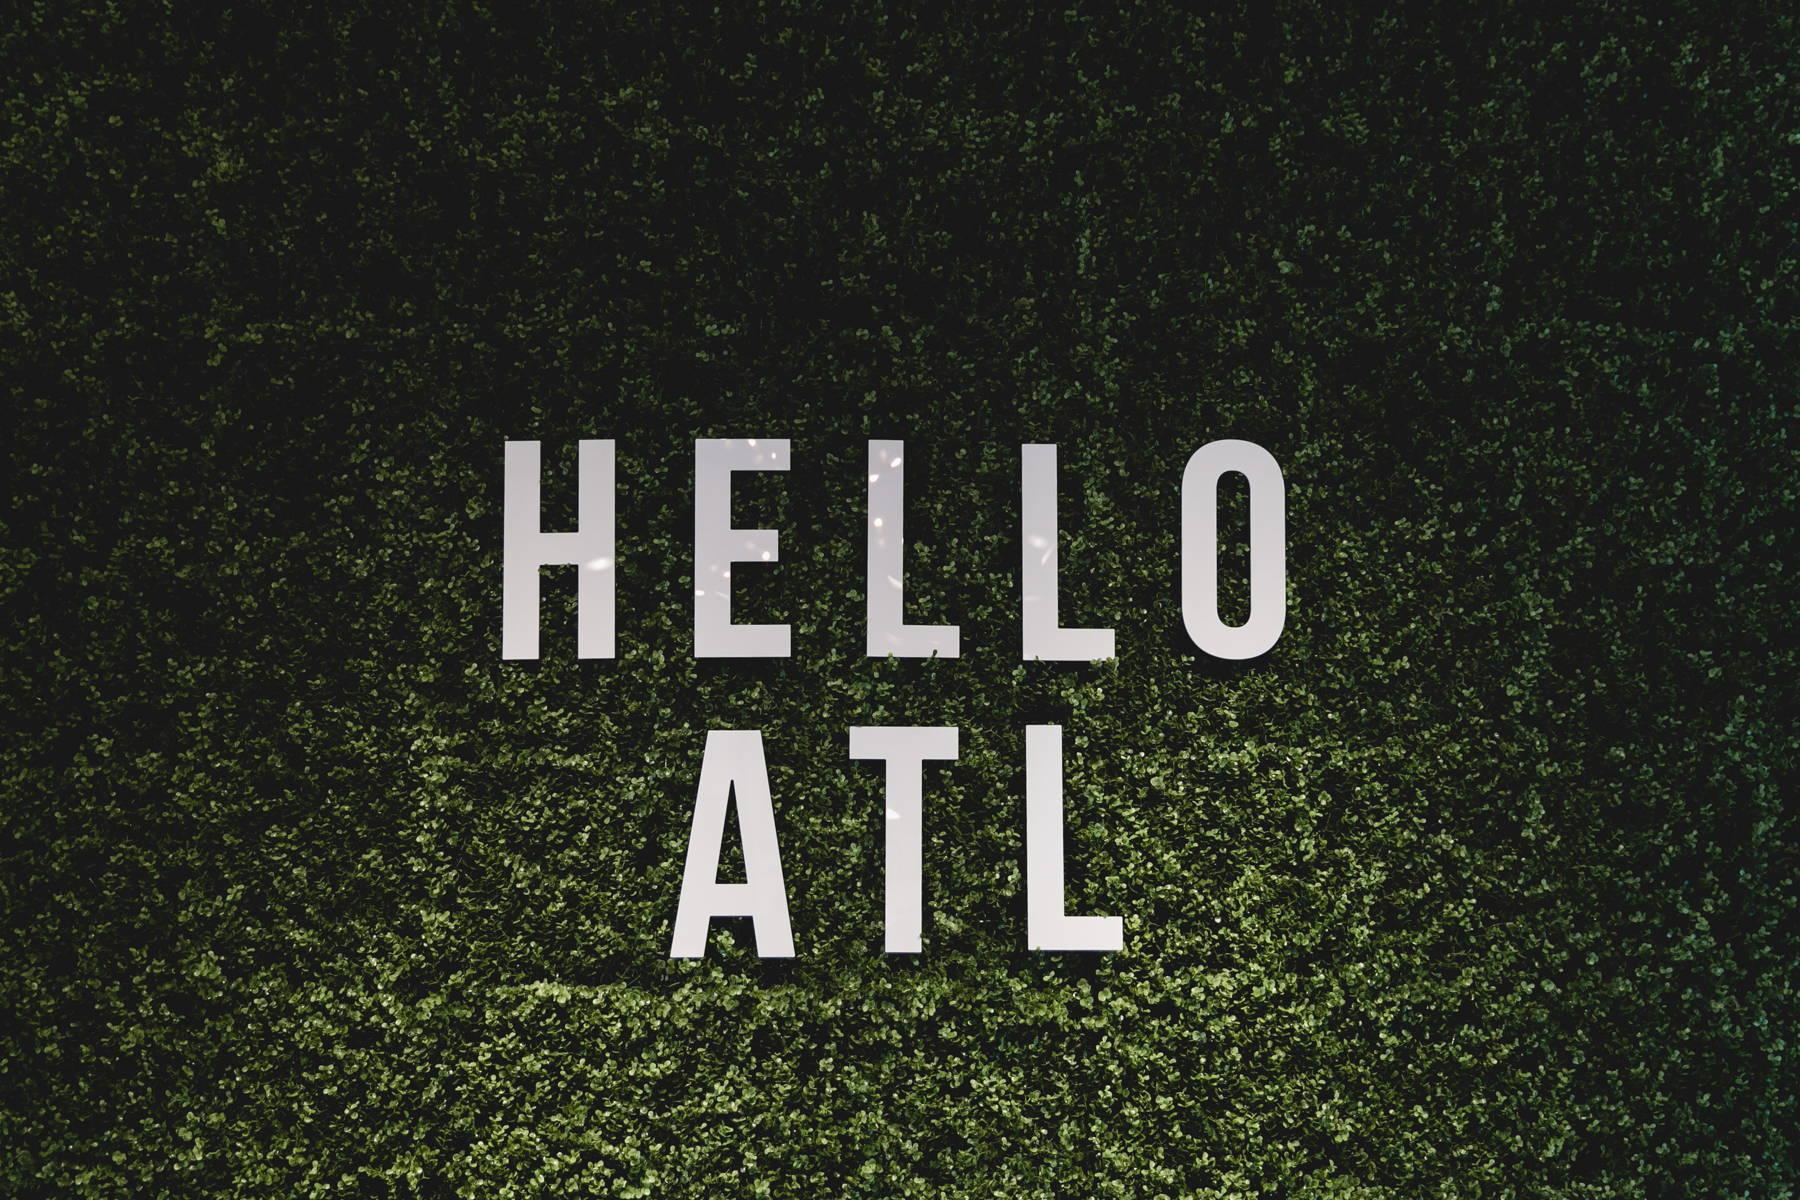 Hello ATL sign at Dress Up at The Battery